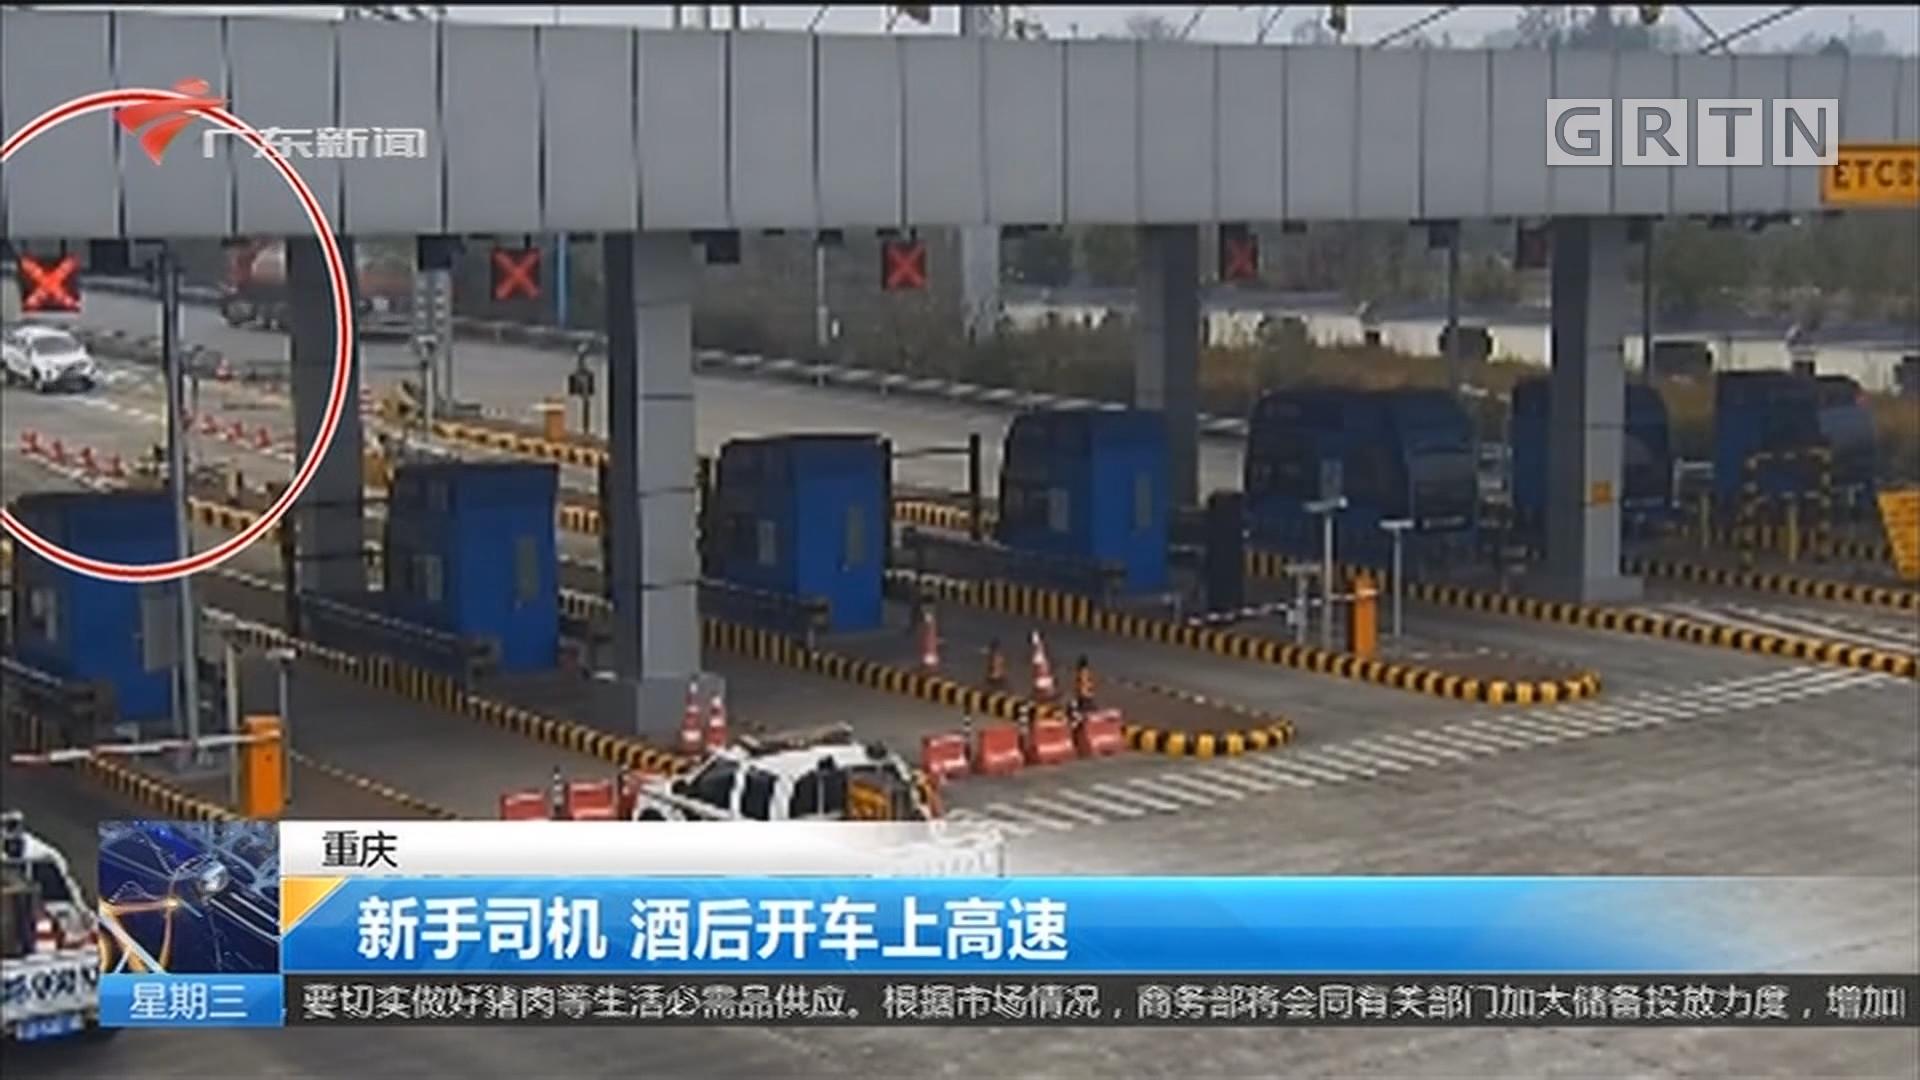 重庆 新手司机 酒后开车上高速